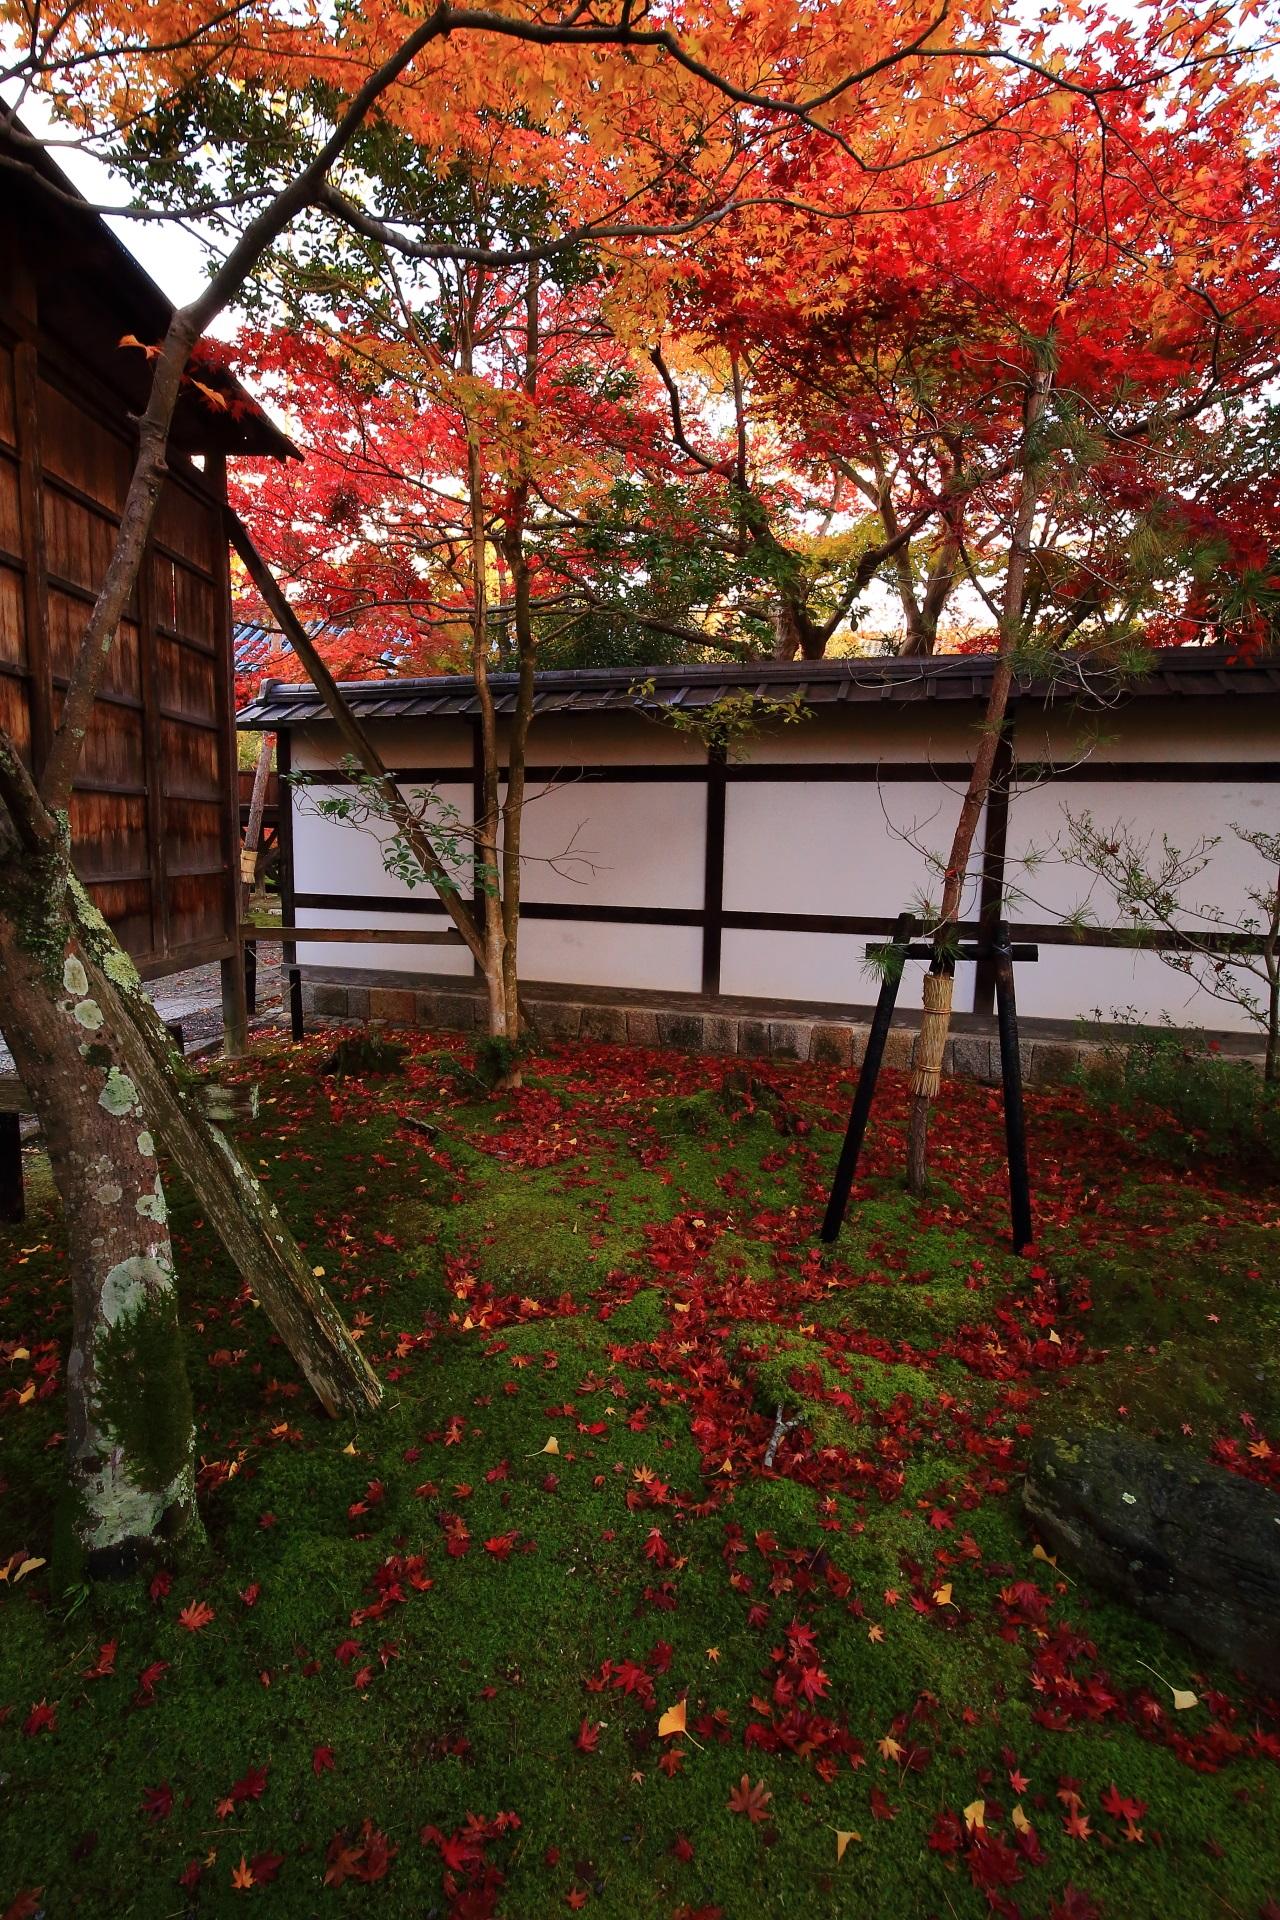 上も下も素晴らしい秋の彩りにつつまれた清涼寺